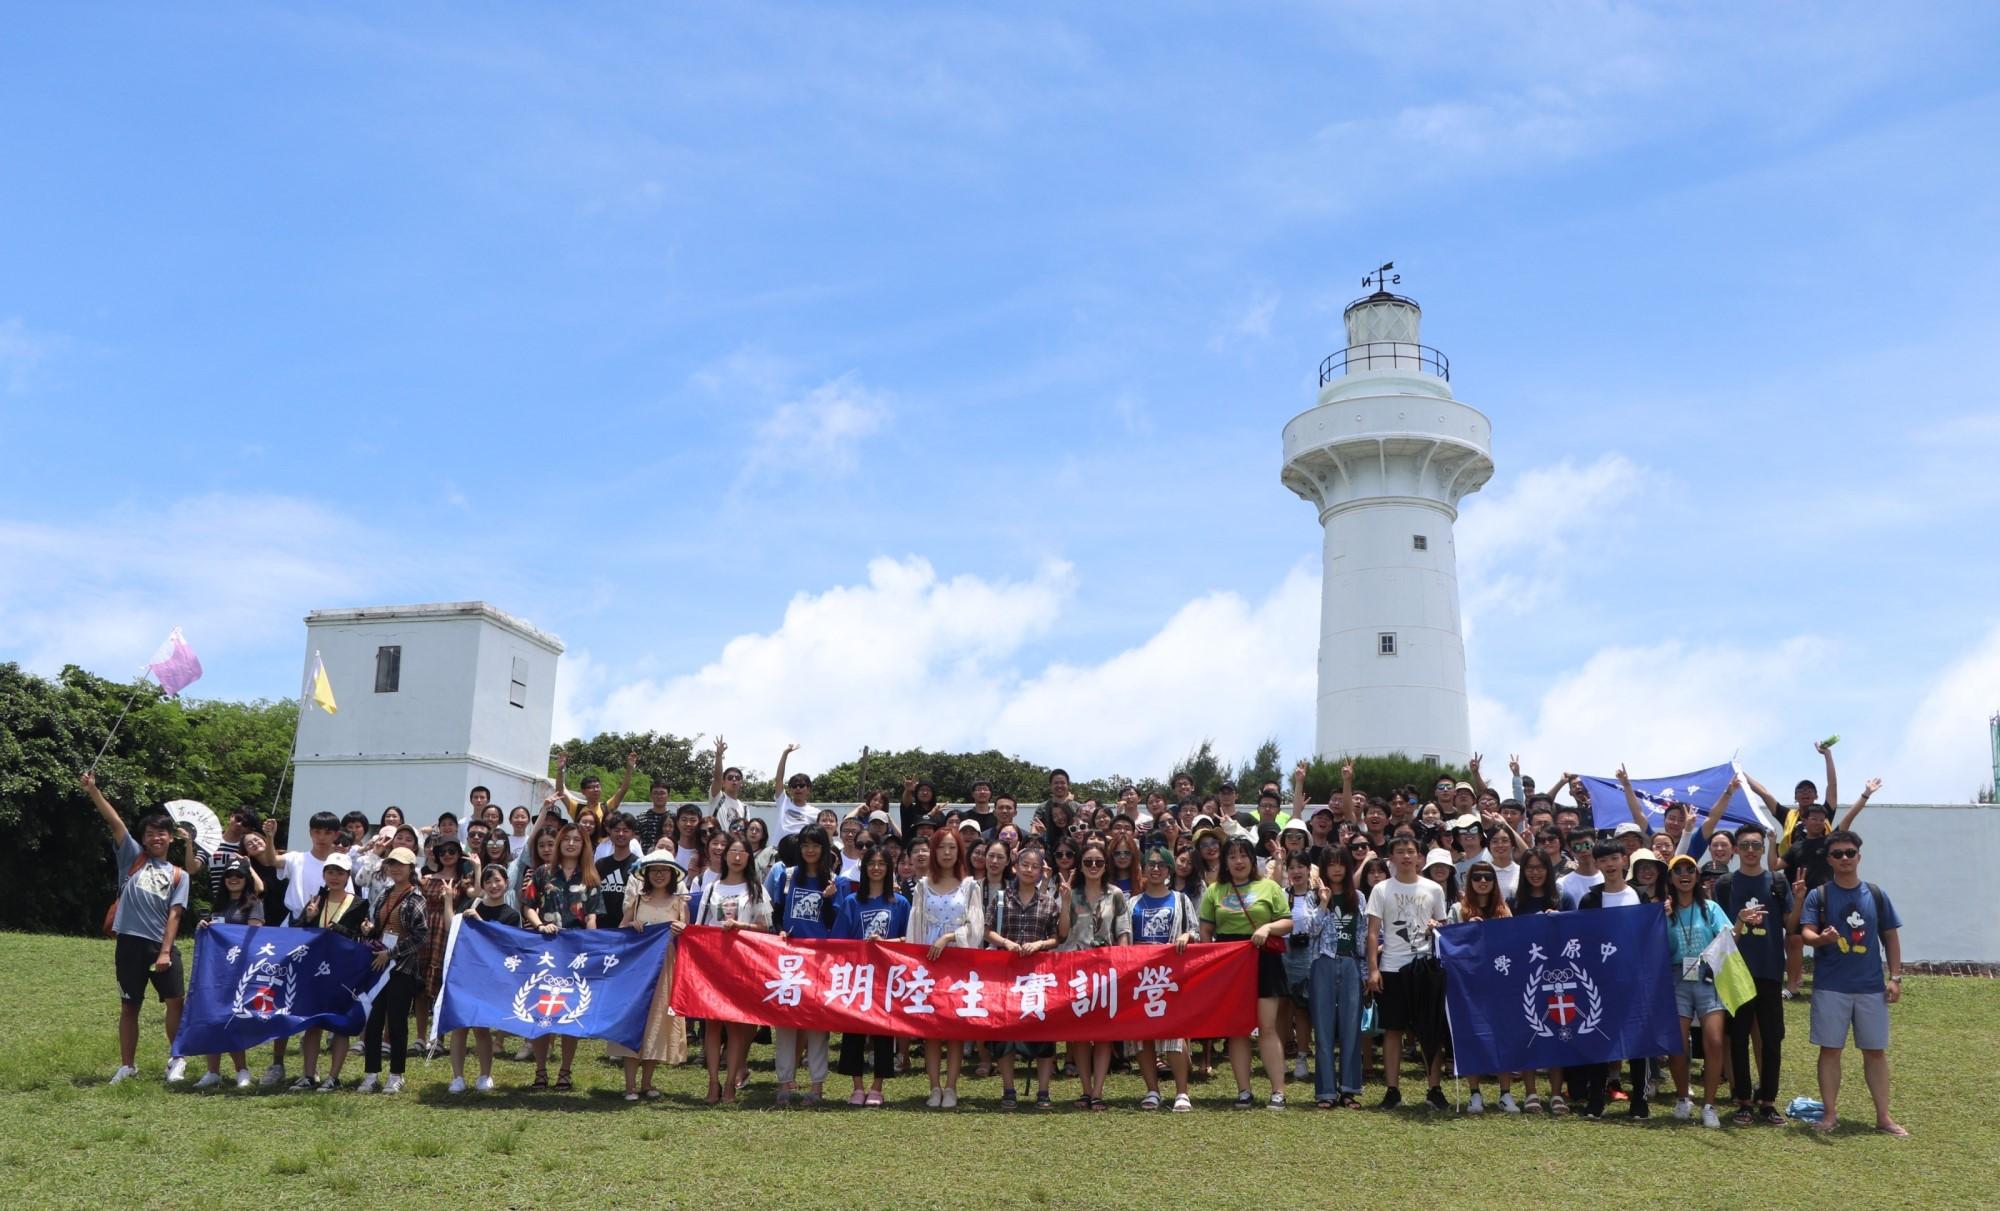 中原大學暑期陸生實訓營 體驗翻轉教育 探索台灣文化